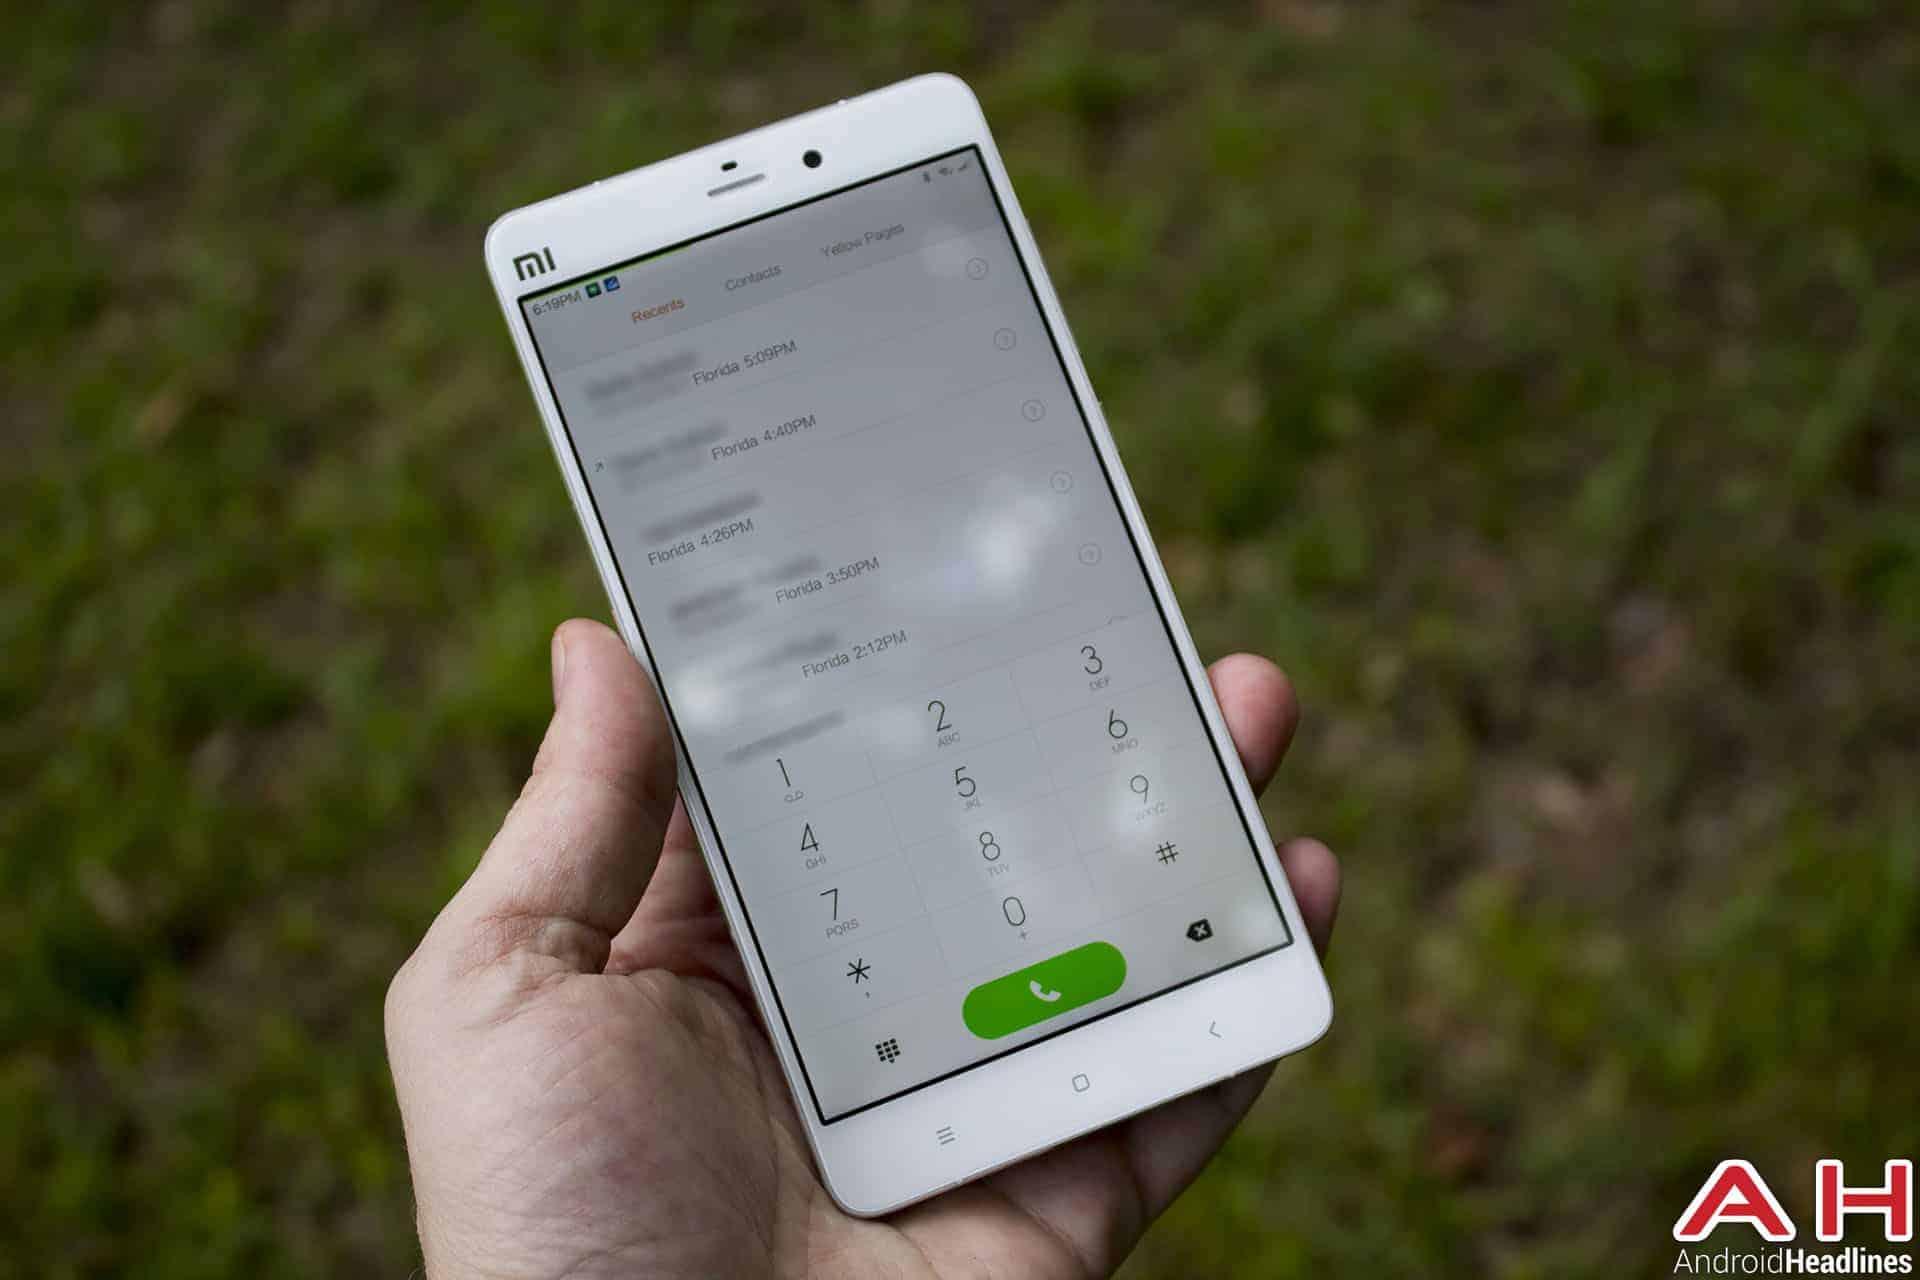 Xiaomi-Mi-Note-Bamboo-phone